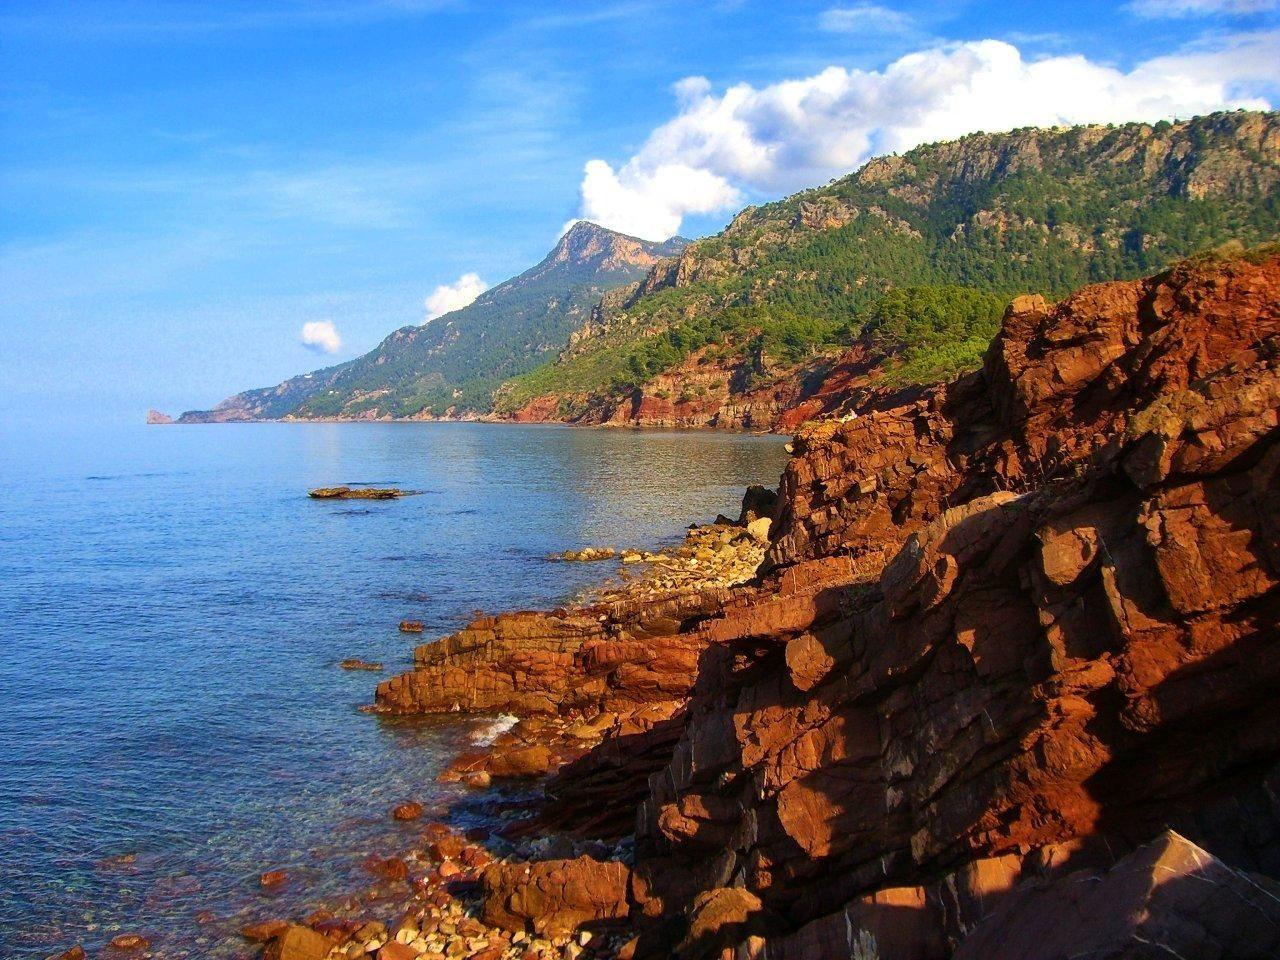 La costa norte de nuestra isla y su infinidad de colores.